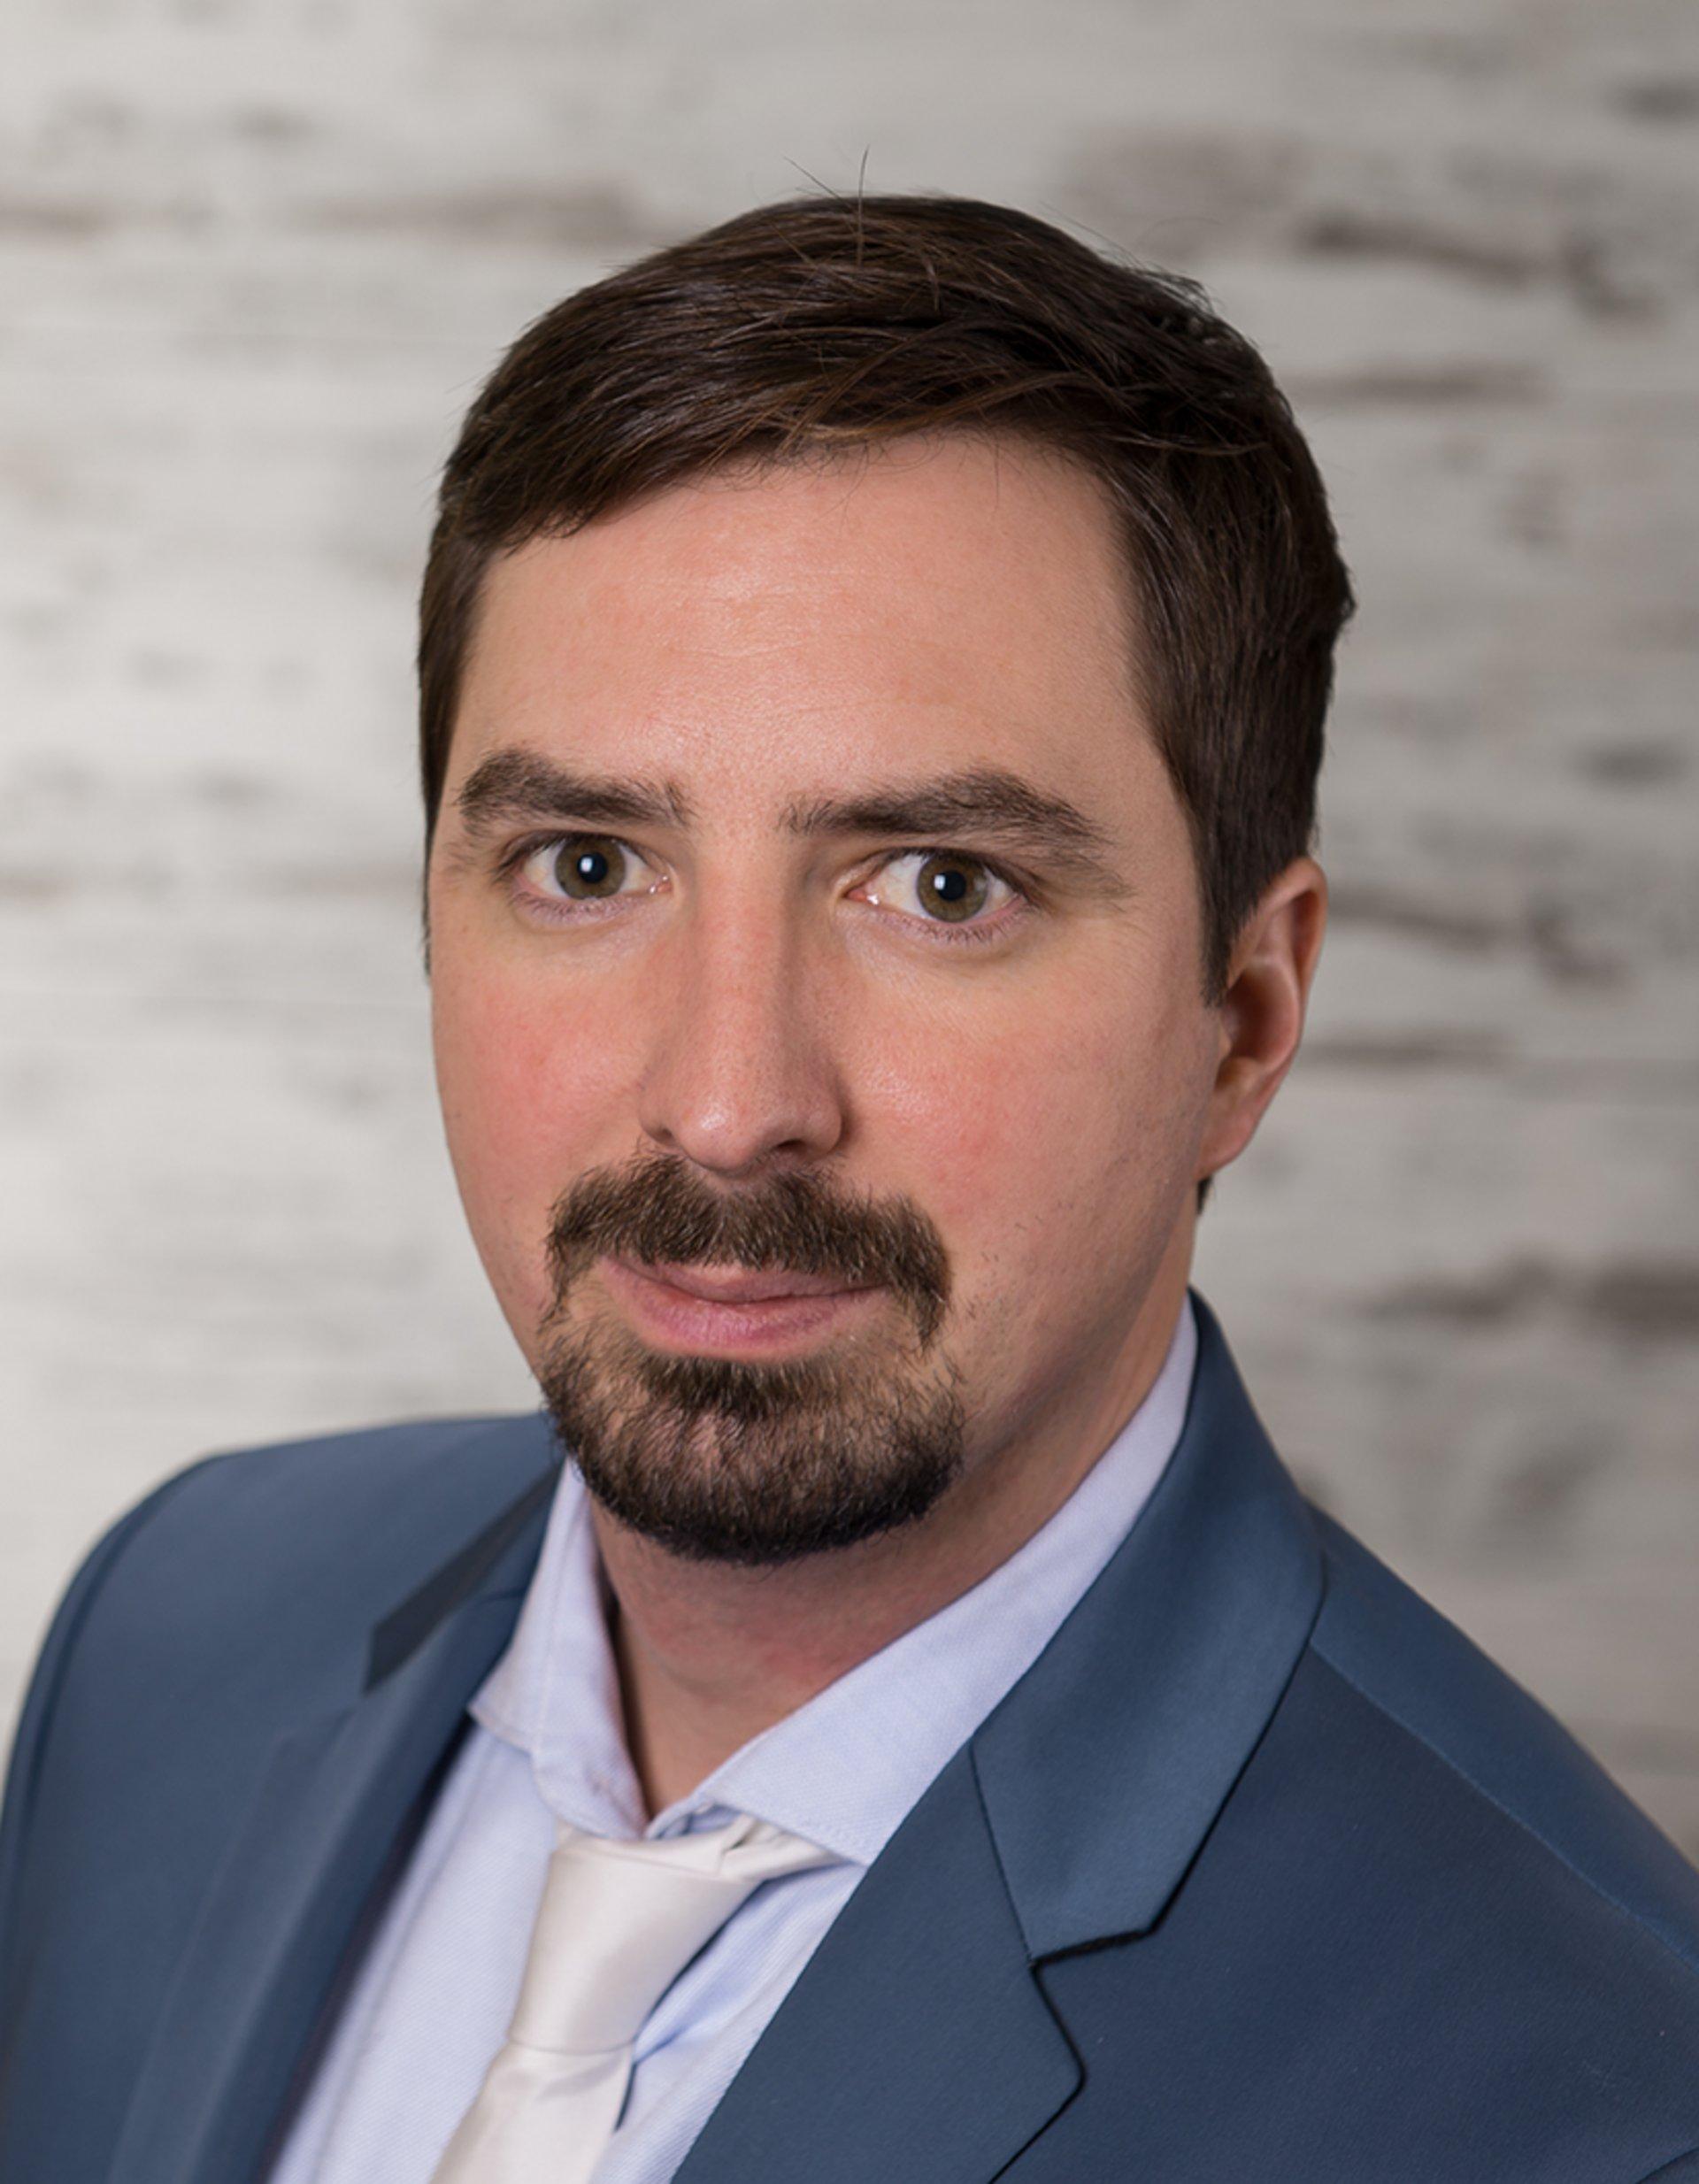 Univ.-Prof. Dr. Elmar Rückert baut den neuen Lehrstuhl